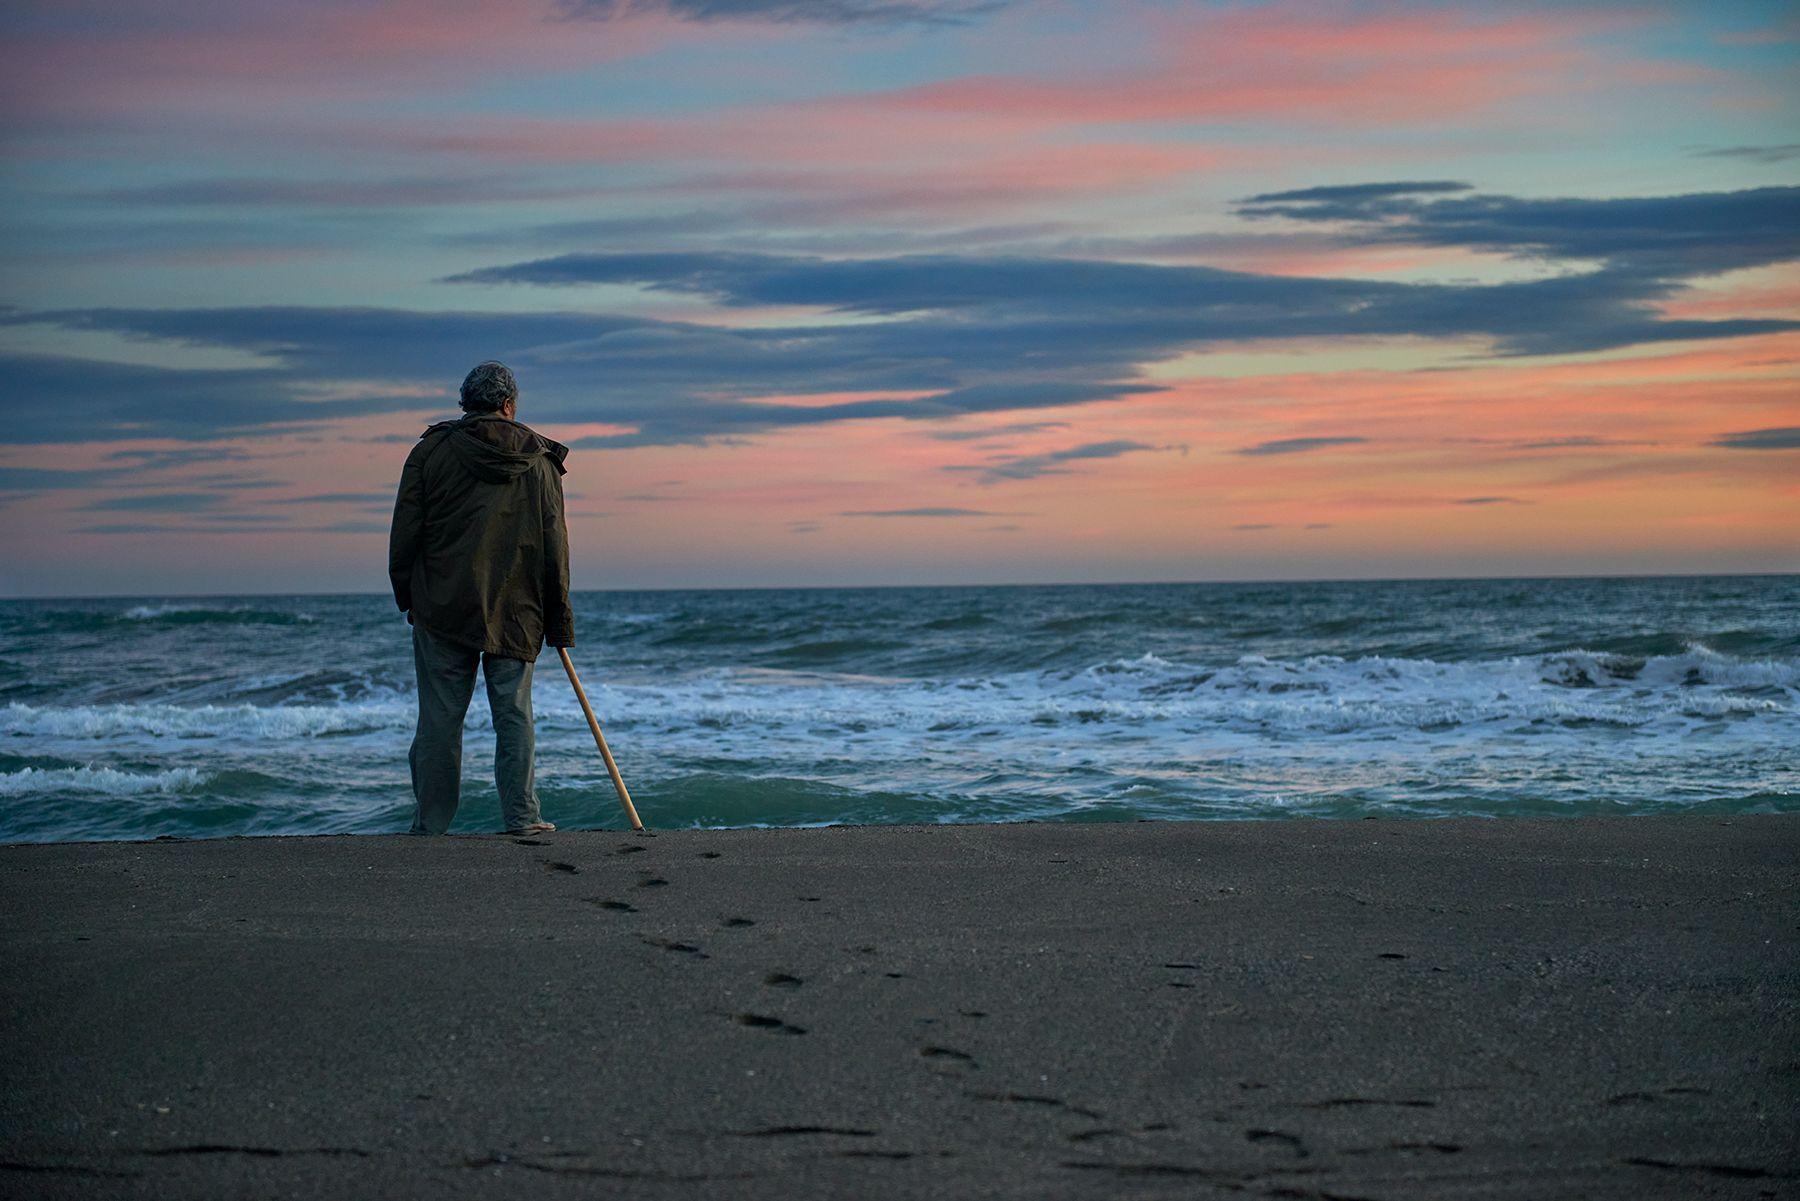 El viejo y el mar